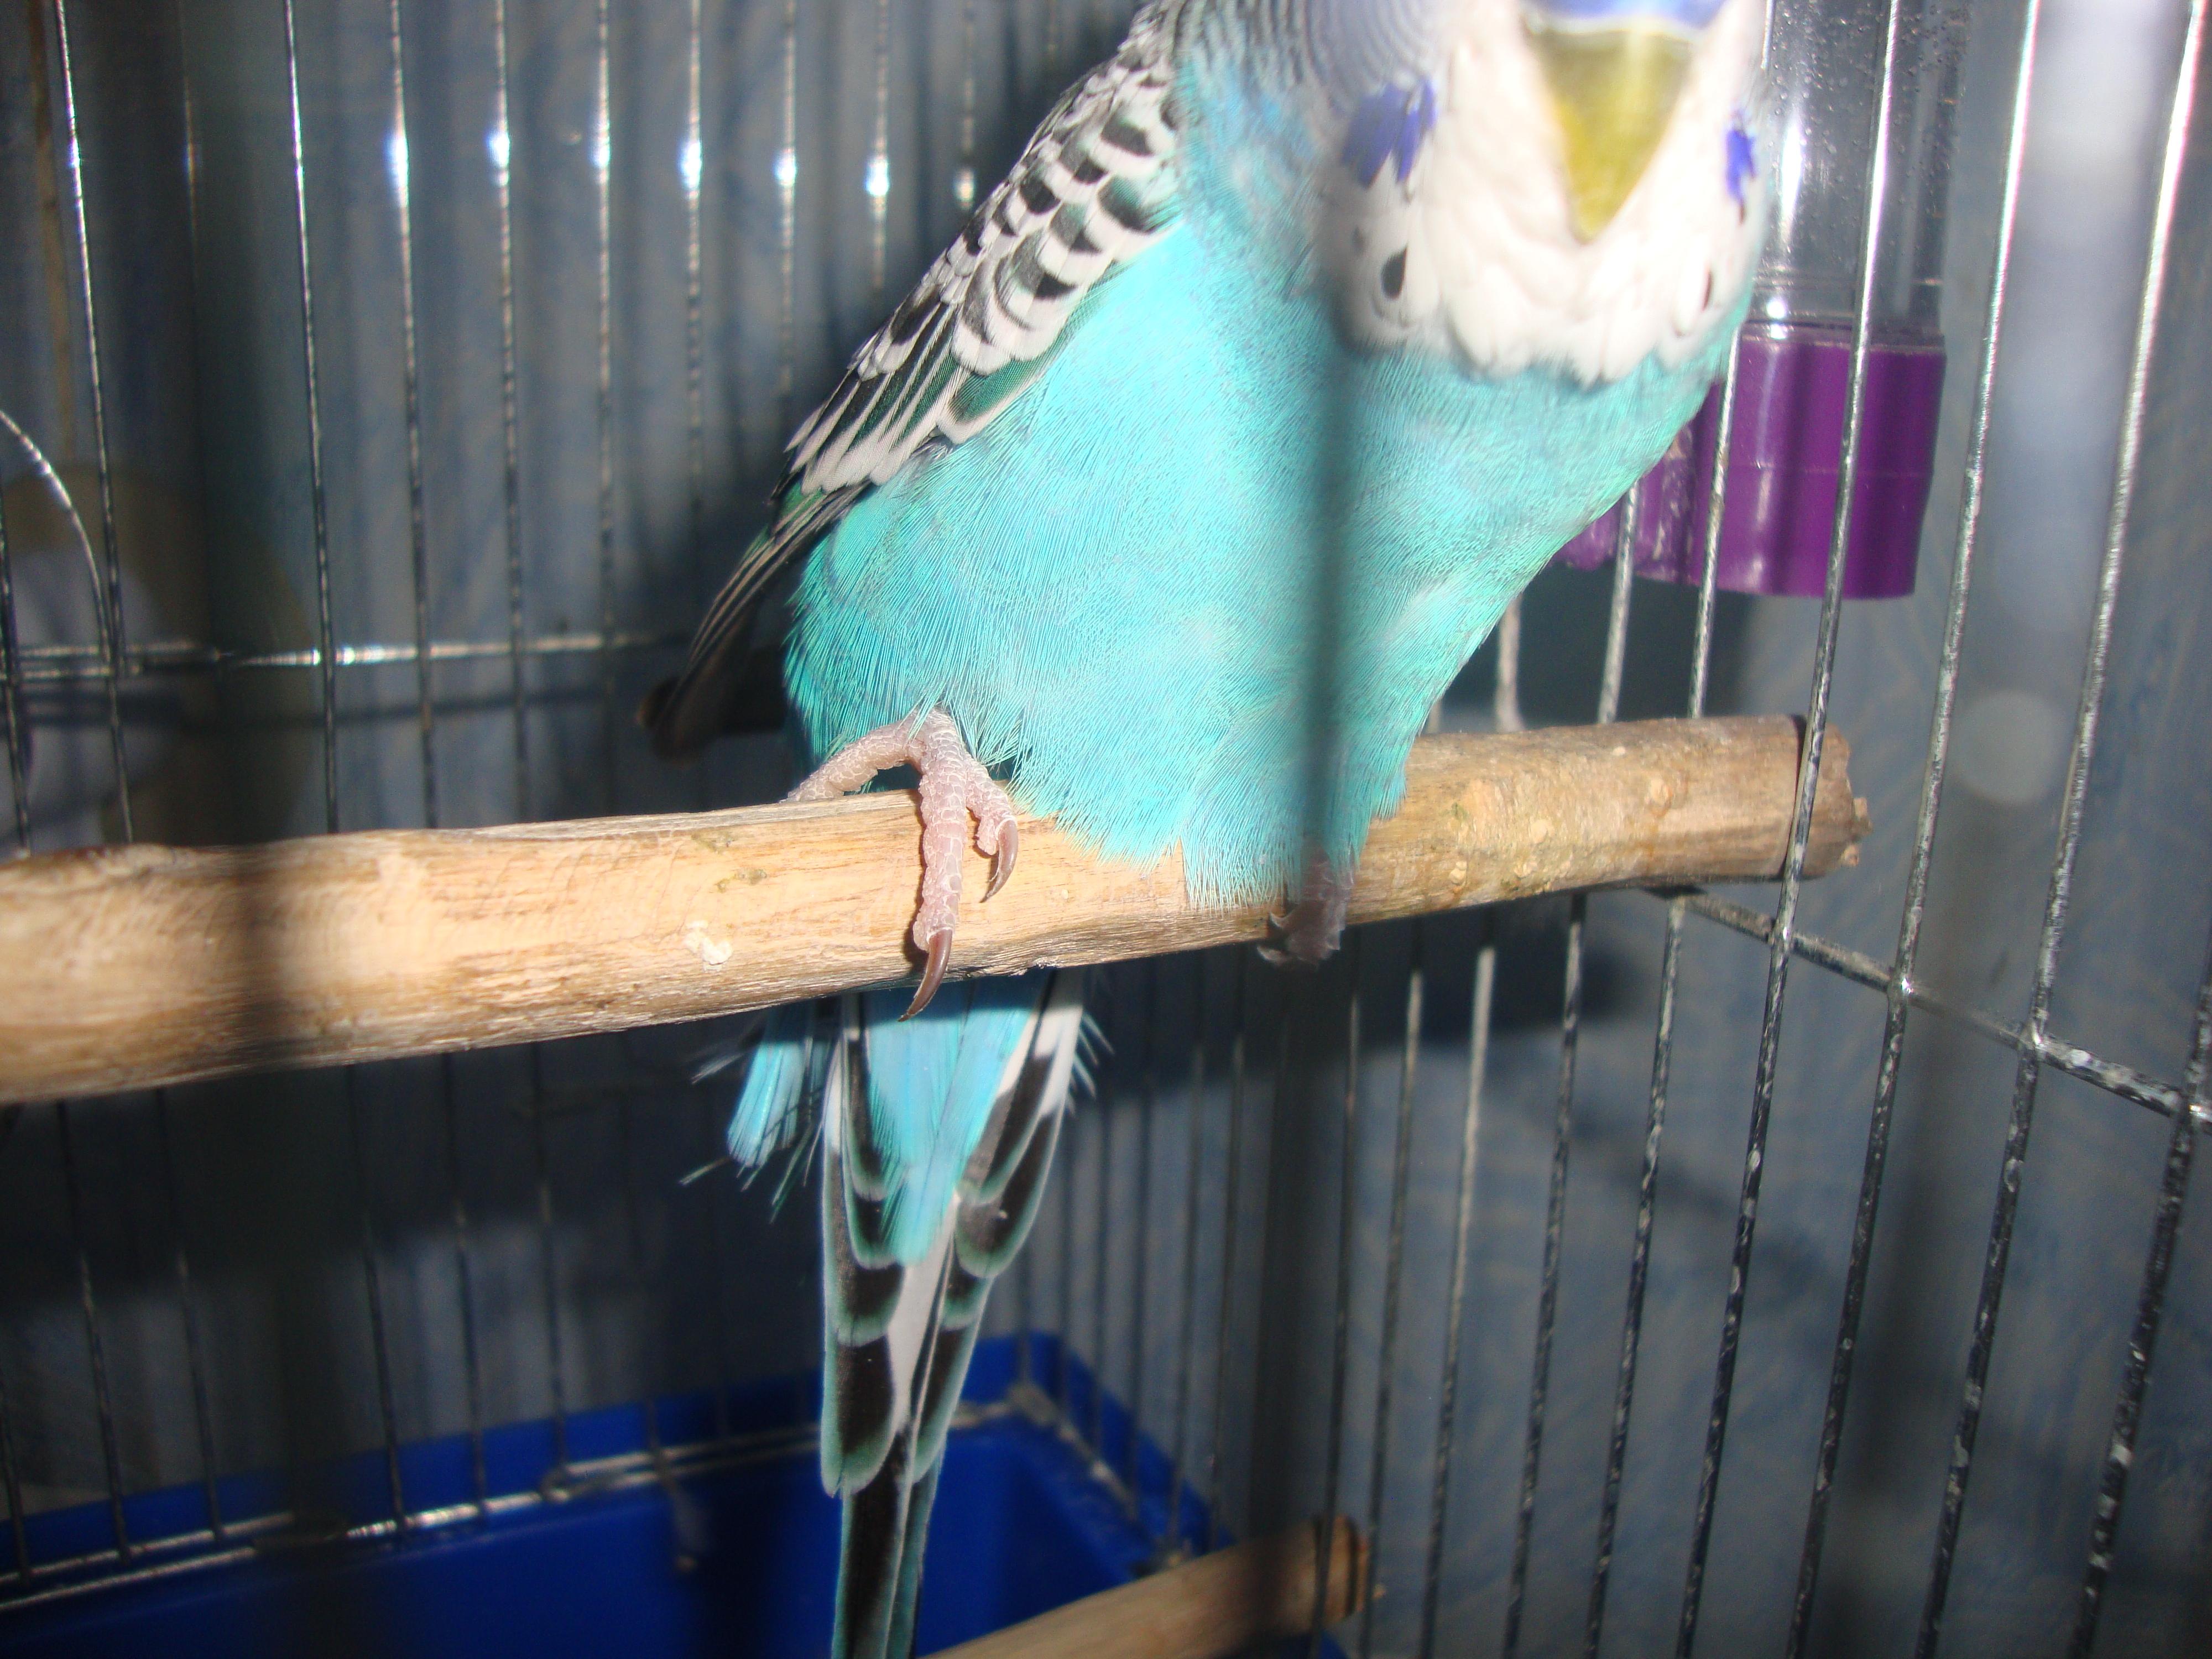 Дело не в том, что дайте ссылку на фото попугаев, у которых этих проблем нет